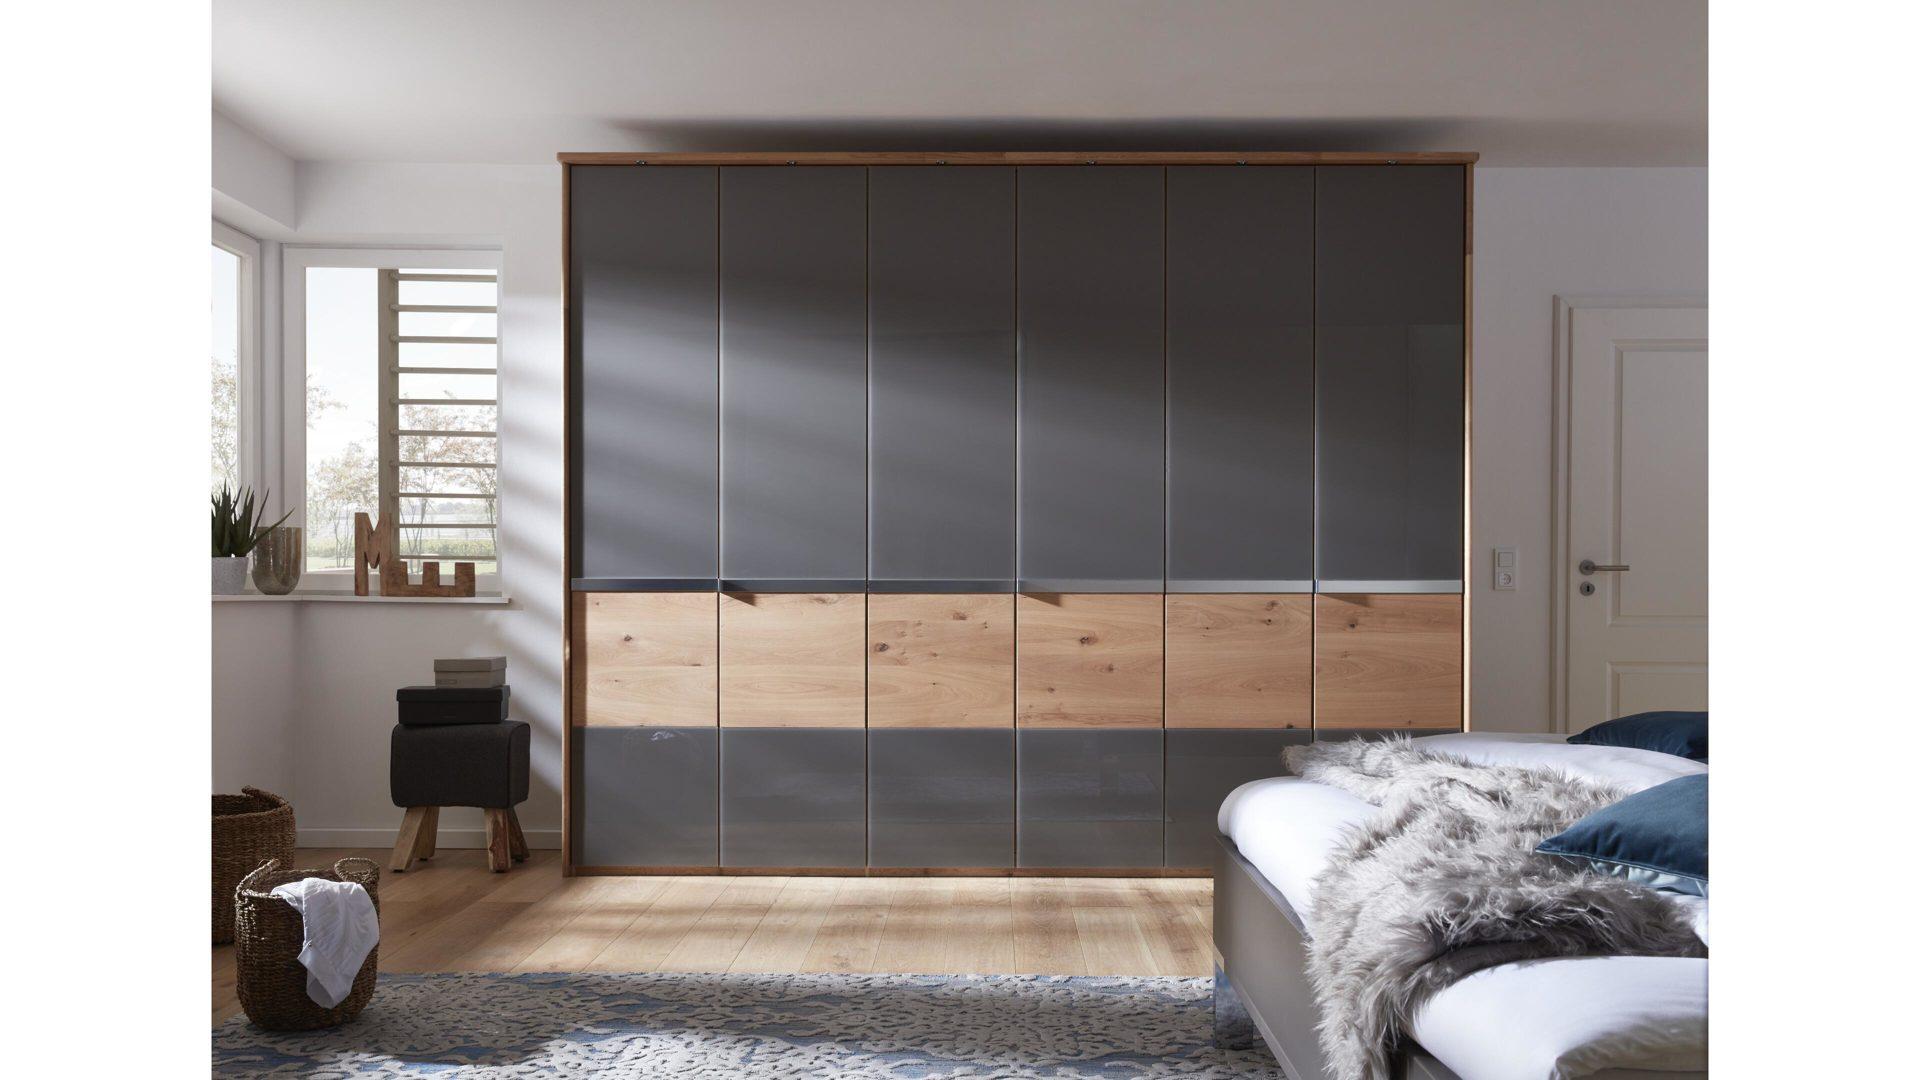 Interliving Schlafzimmer Serie 1202 – Kleiderschrank, teilmassive  Balkeneiche & havannafarbenes Glas – sechs Türen